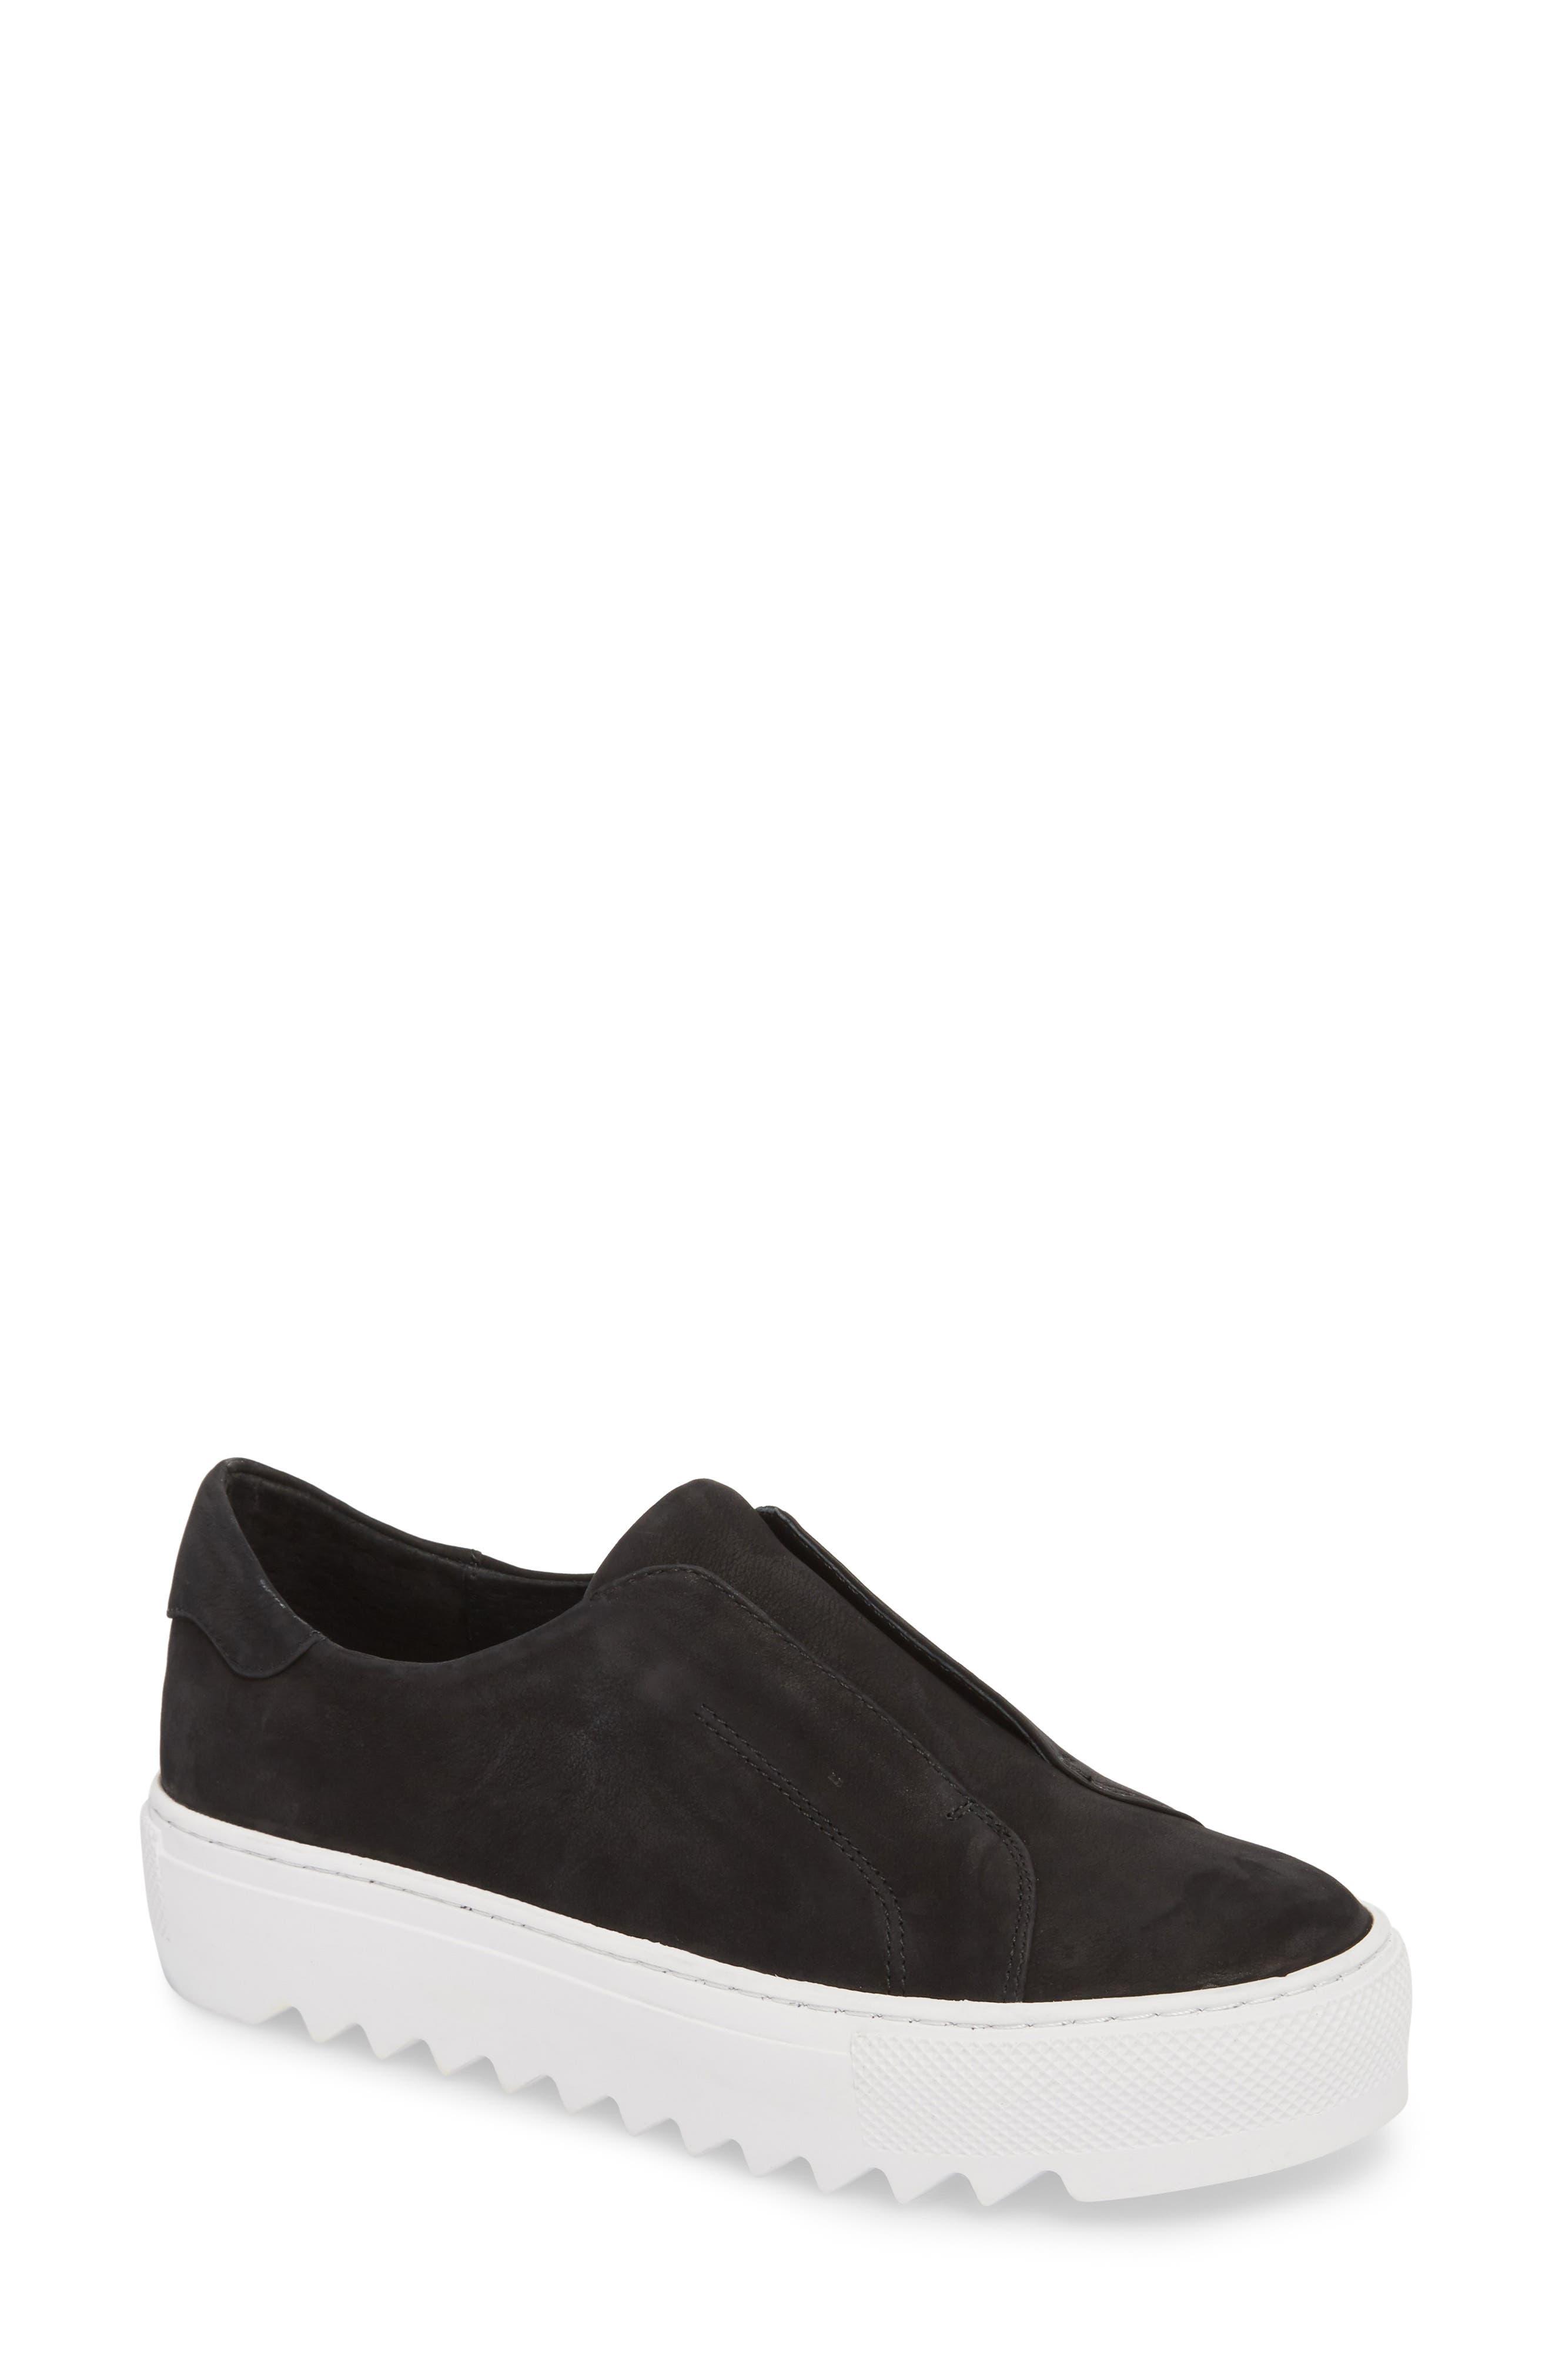 Spazo Slip-On Platform Sneaker,                         Main,                         color, 001